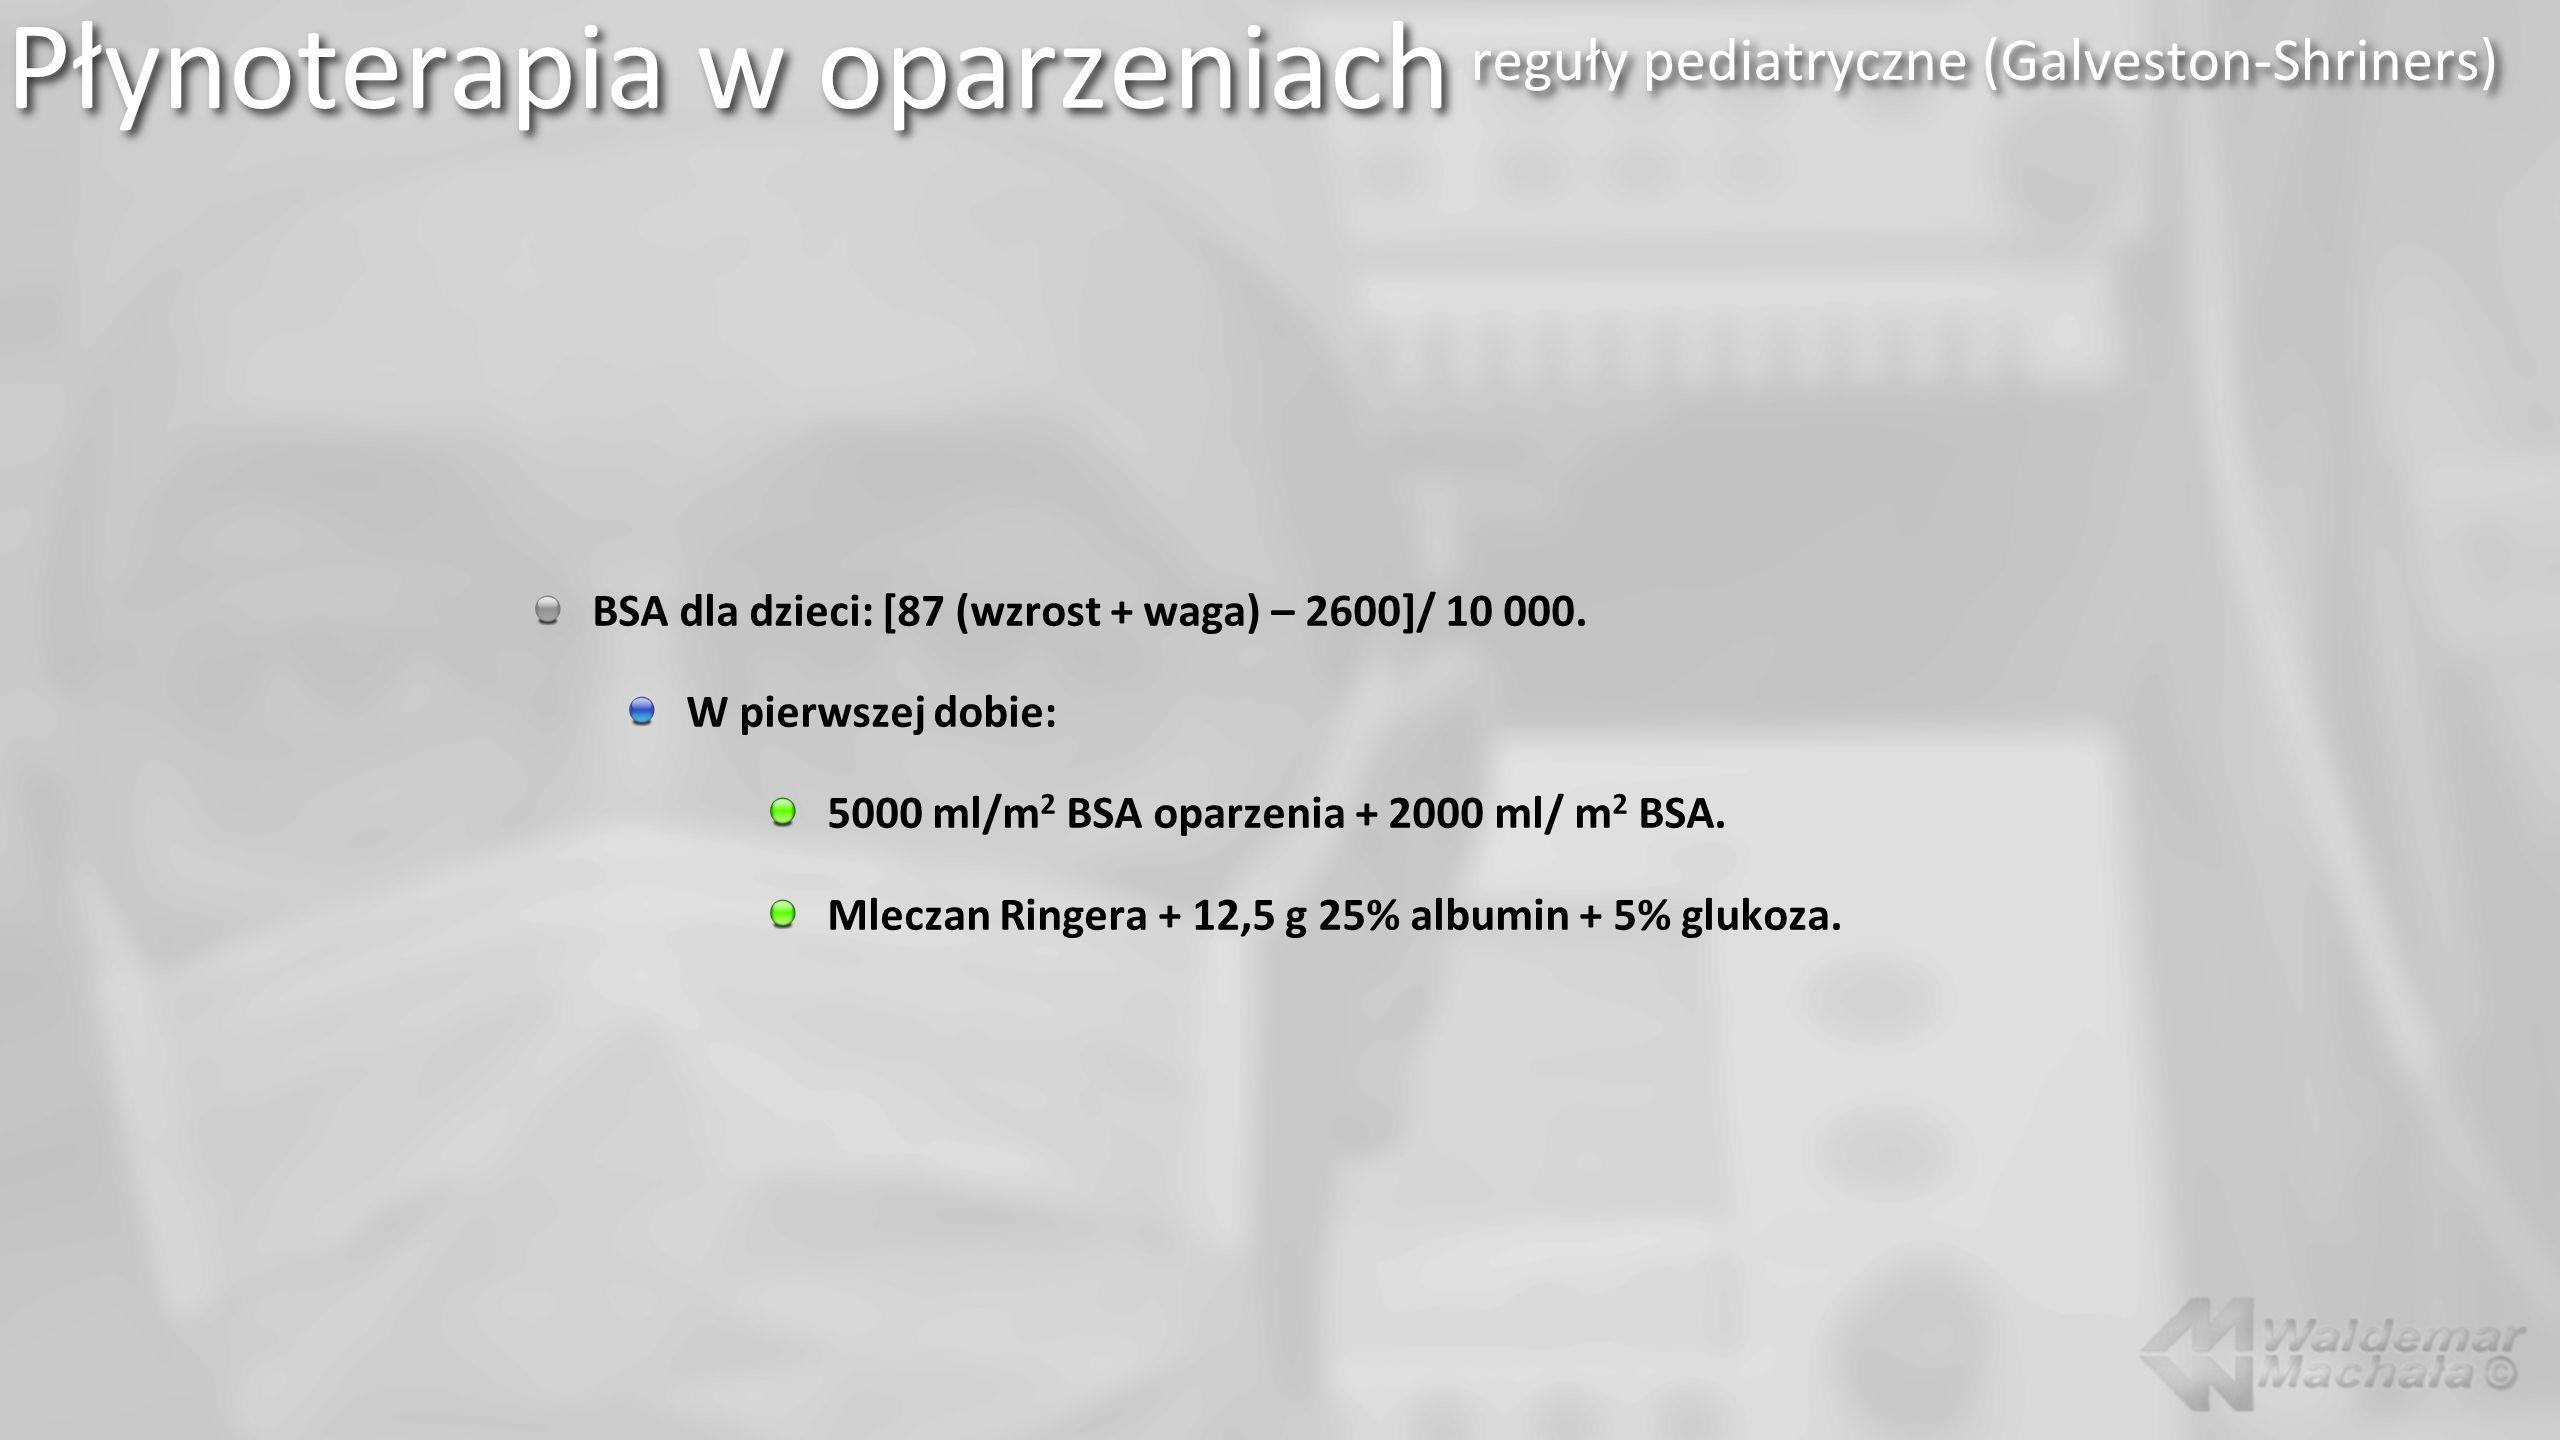 BSA dla dzieci: [87 (wzrost + waga) – 2600]/ 10 000. W pierwszej dobie: 5000 ml/m 2 BSA oparzenia + 2000 ml/ m 2 BSA. Mleczan Ringera + 12,5 g 25% alb